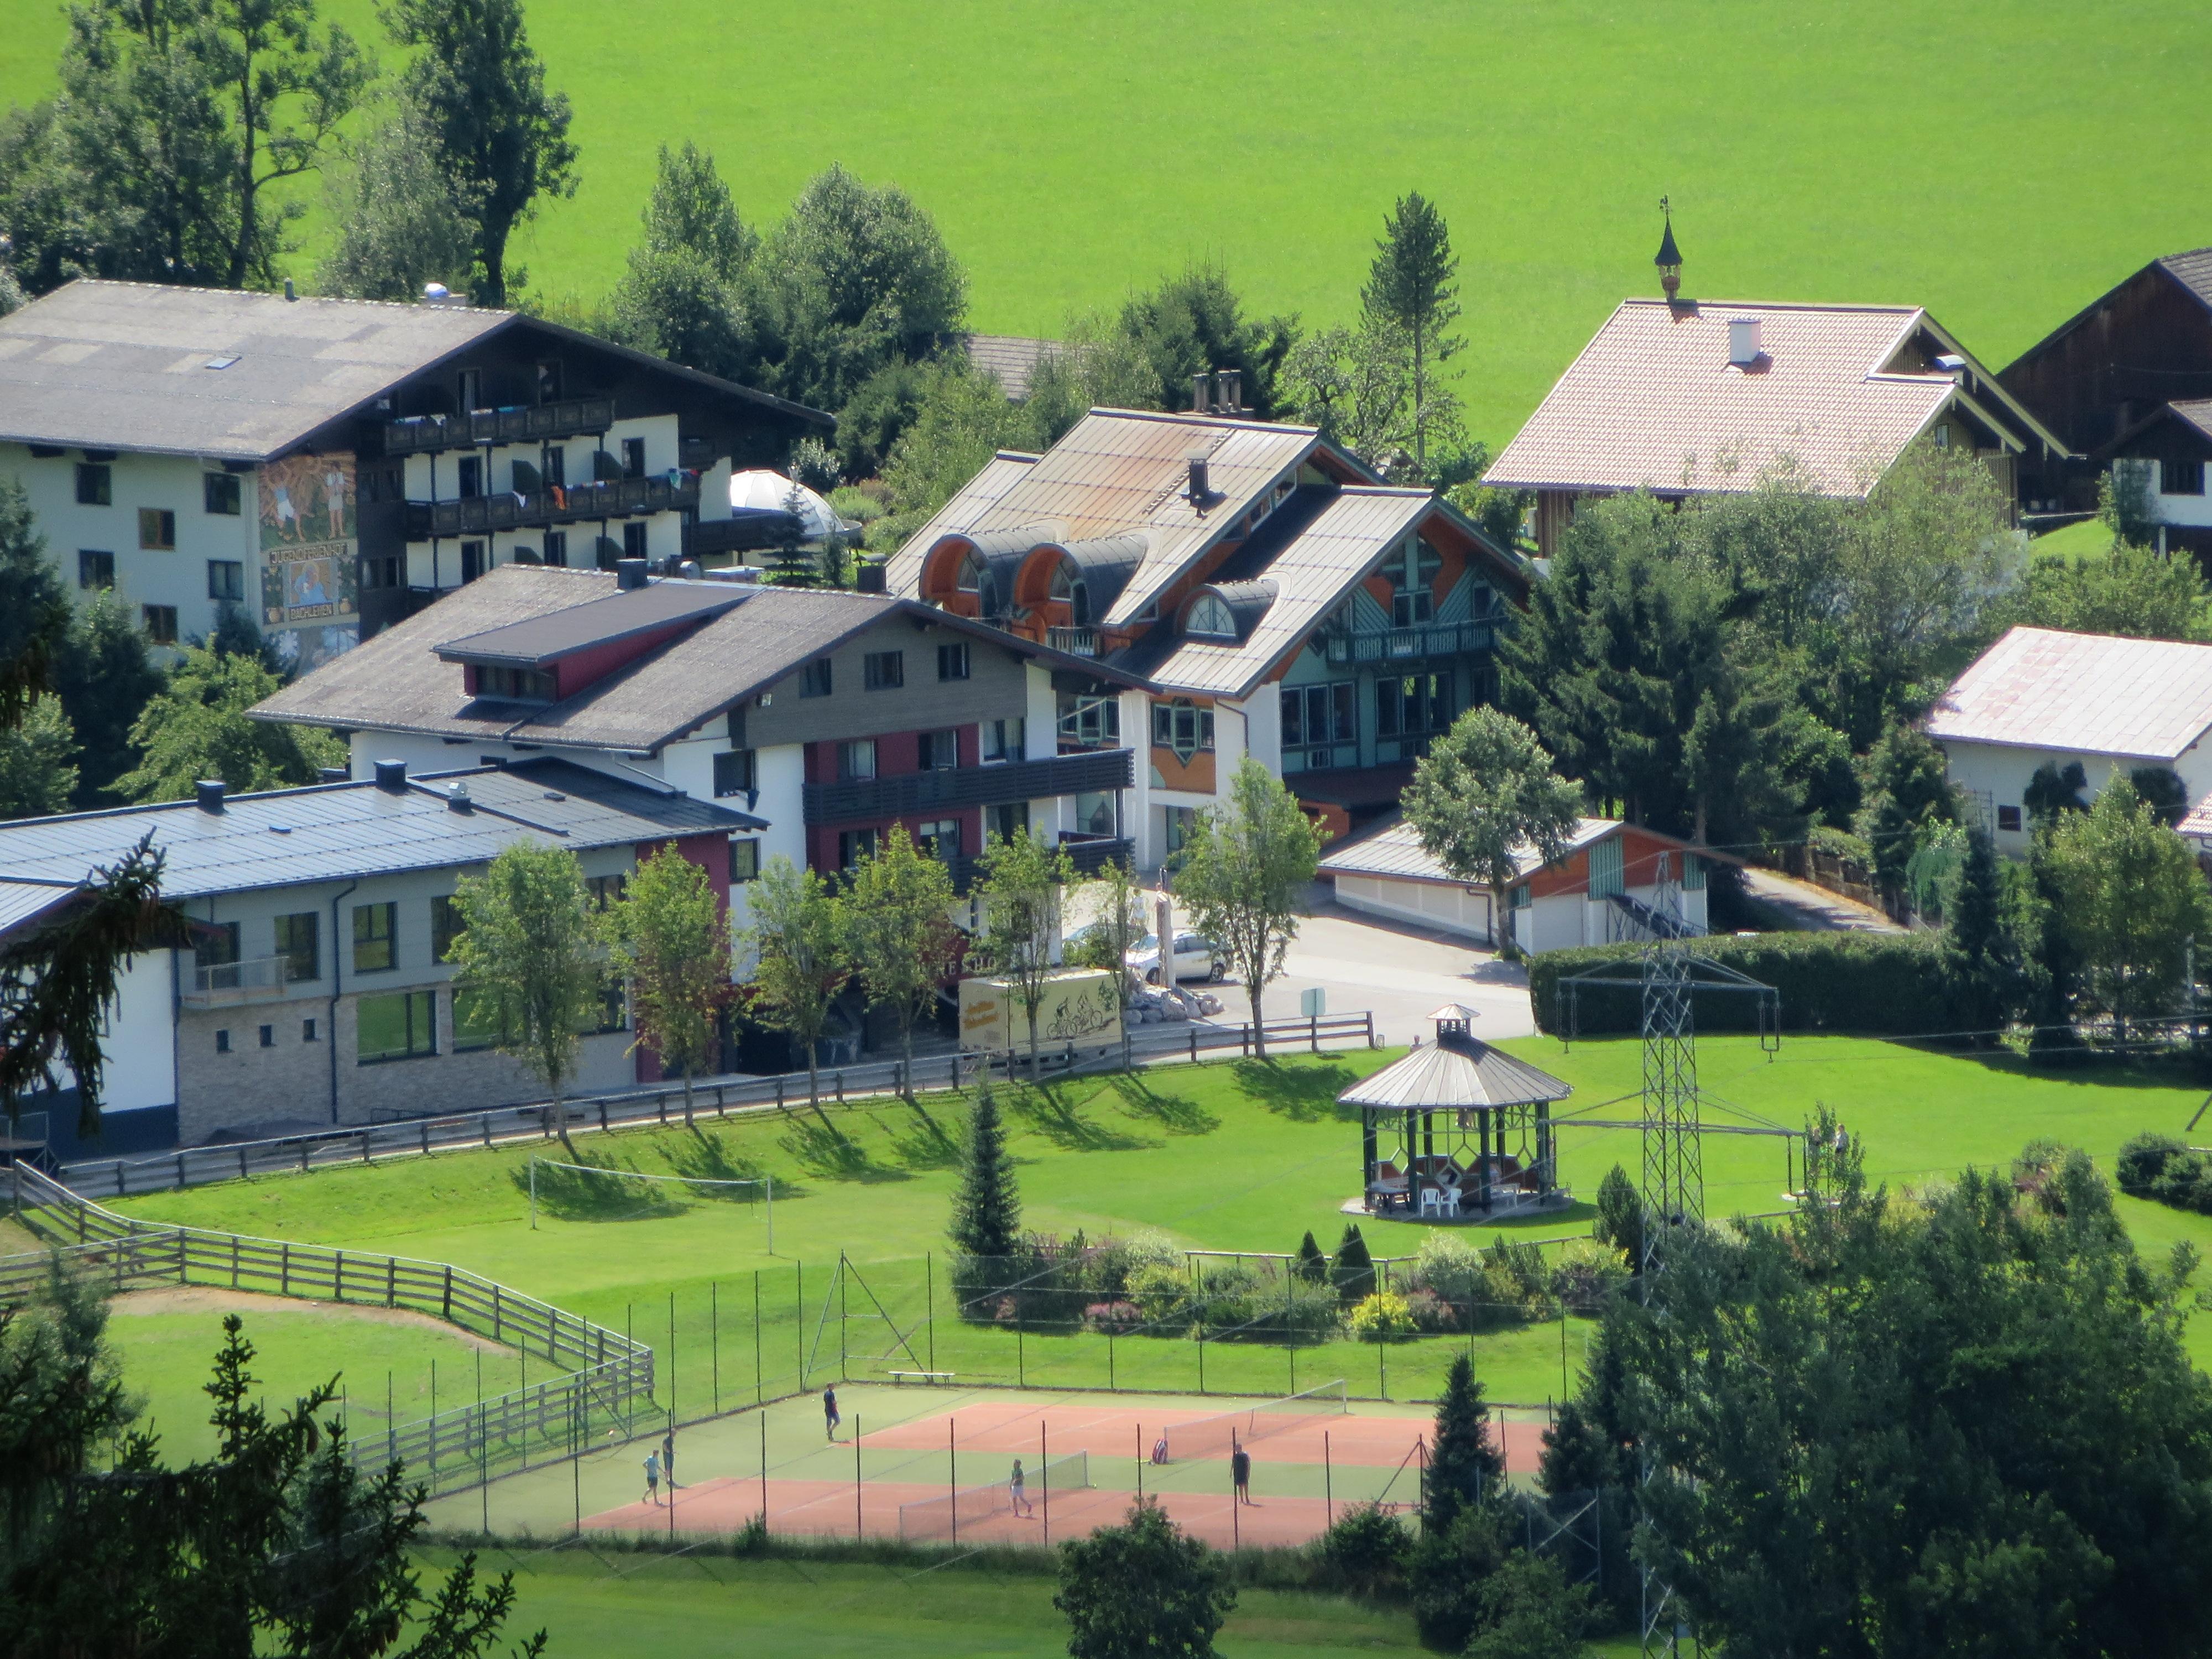 Das Bild zeigt die Unterkunft mit dem Haus Bachlehen und dem Johanneshof